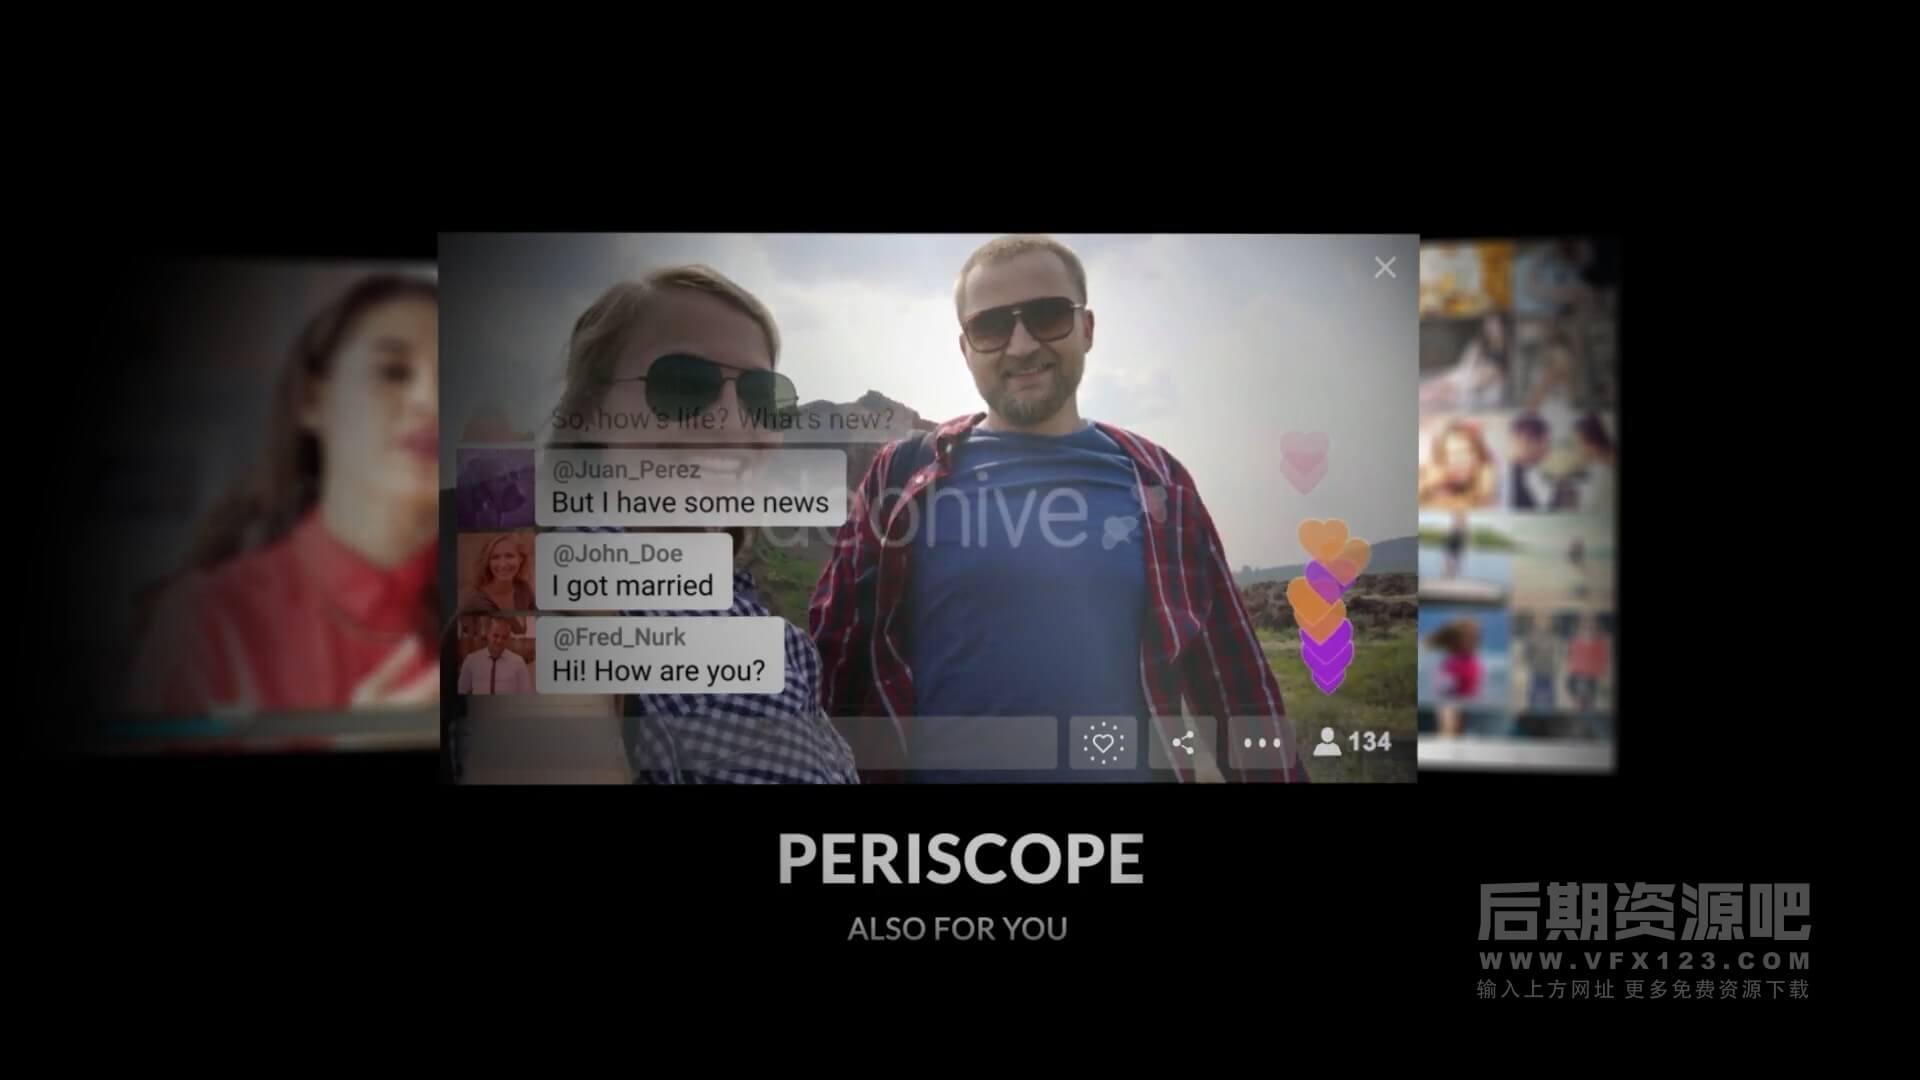 AE模板 QQ微信手机短信社交APP聊天气泡弹窗对话框动画